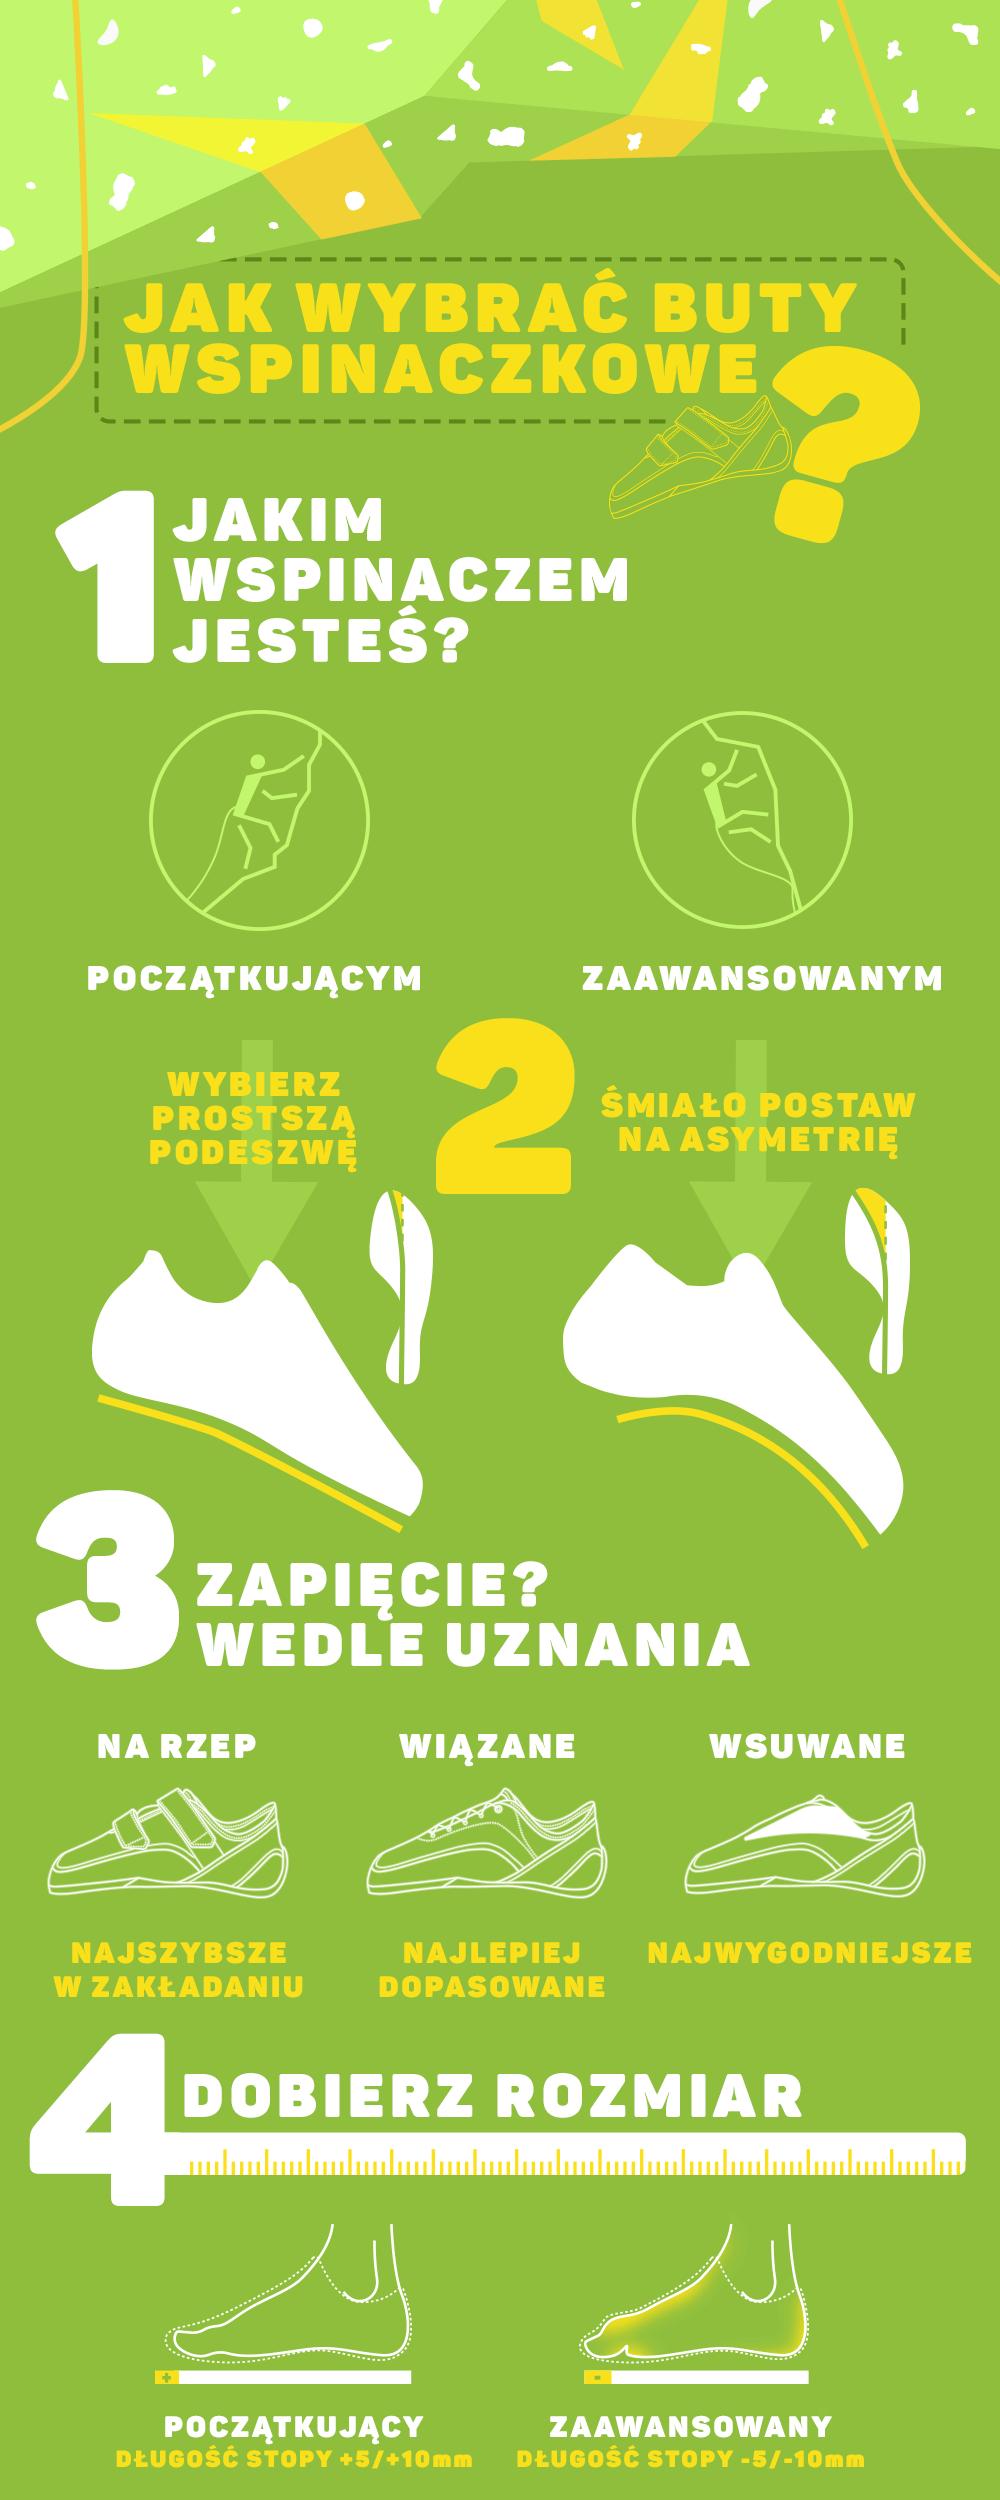 Jak wybrać buty wspinaczkowe - infografika